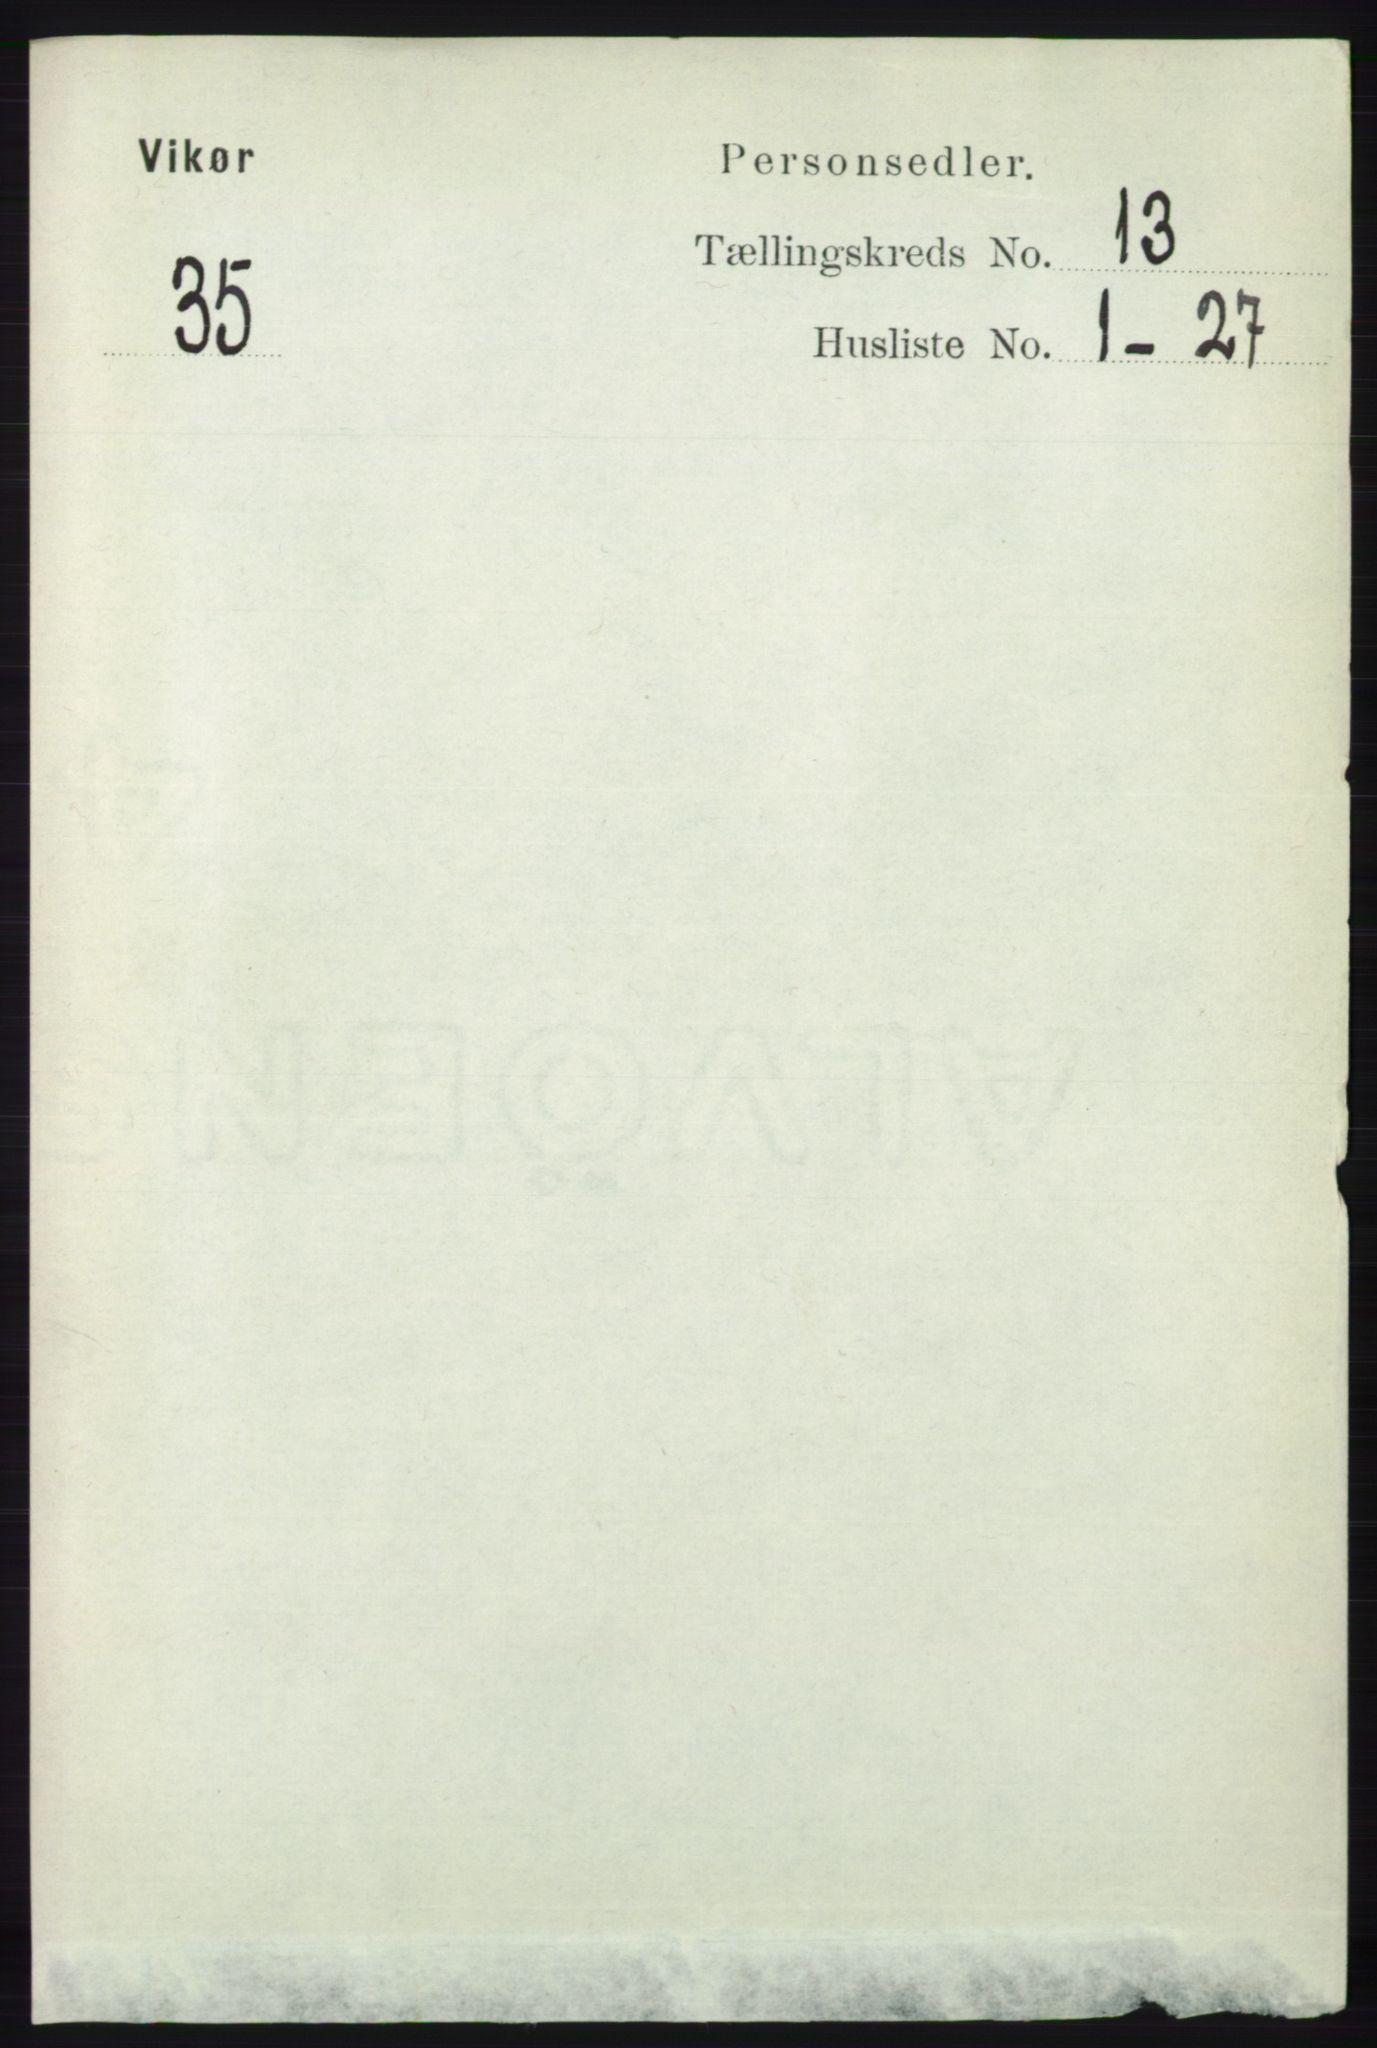 RA, Folketelling 1891 for 1238 Vikør herred, 1891, s. 3614